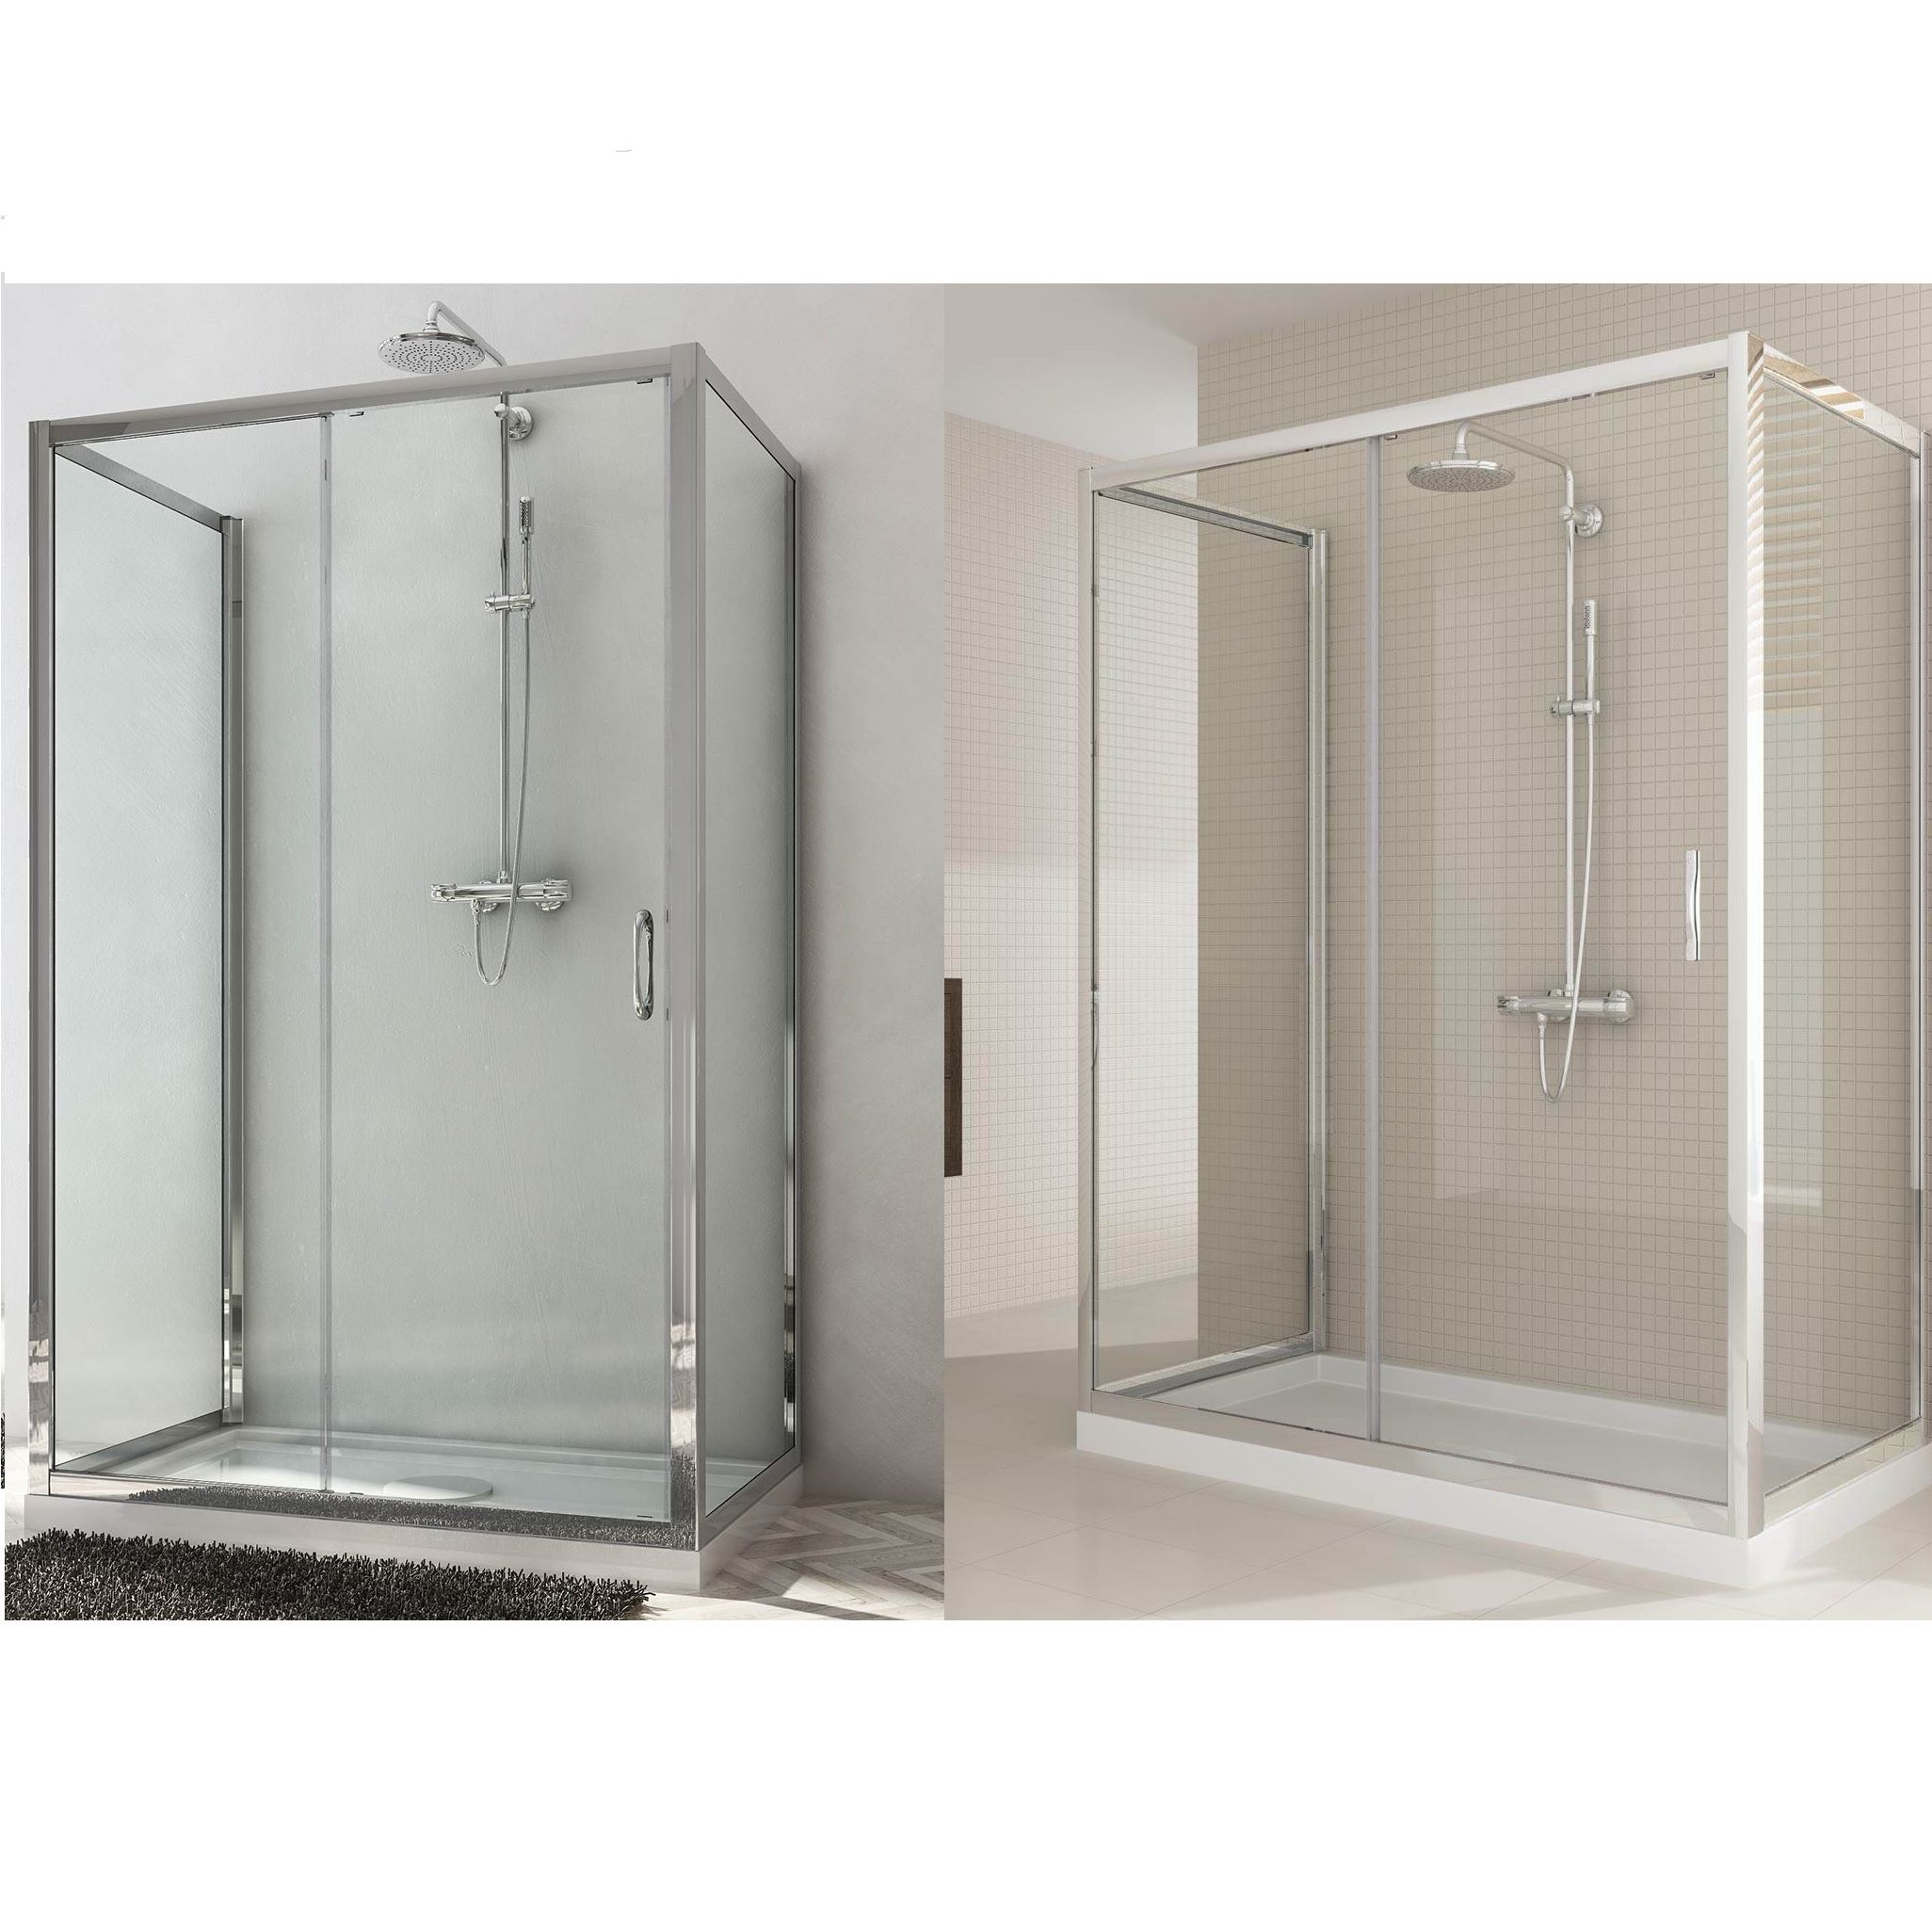 Box doccia due ante fisse e anta fissa con porta scorrevole altezza 185 198 cm cristallo - Porta in cristallo scorrevole ...